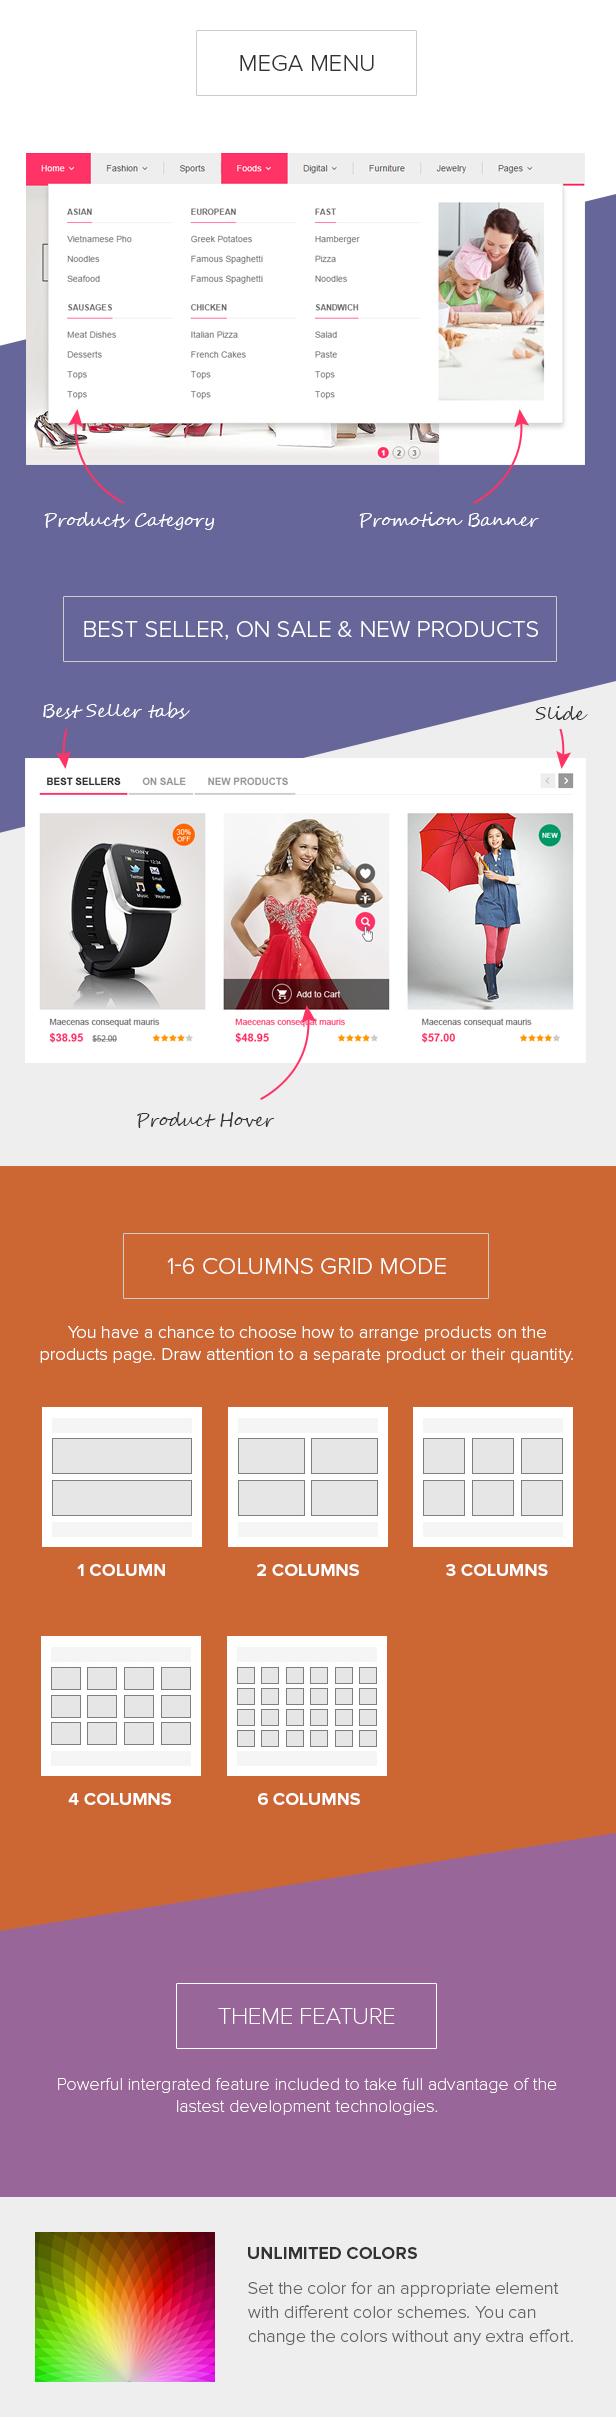 KuteShop - Fashion, Electronics & Marketplace WooCommerce Theme (RTL Supported) - 12